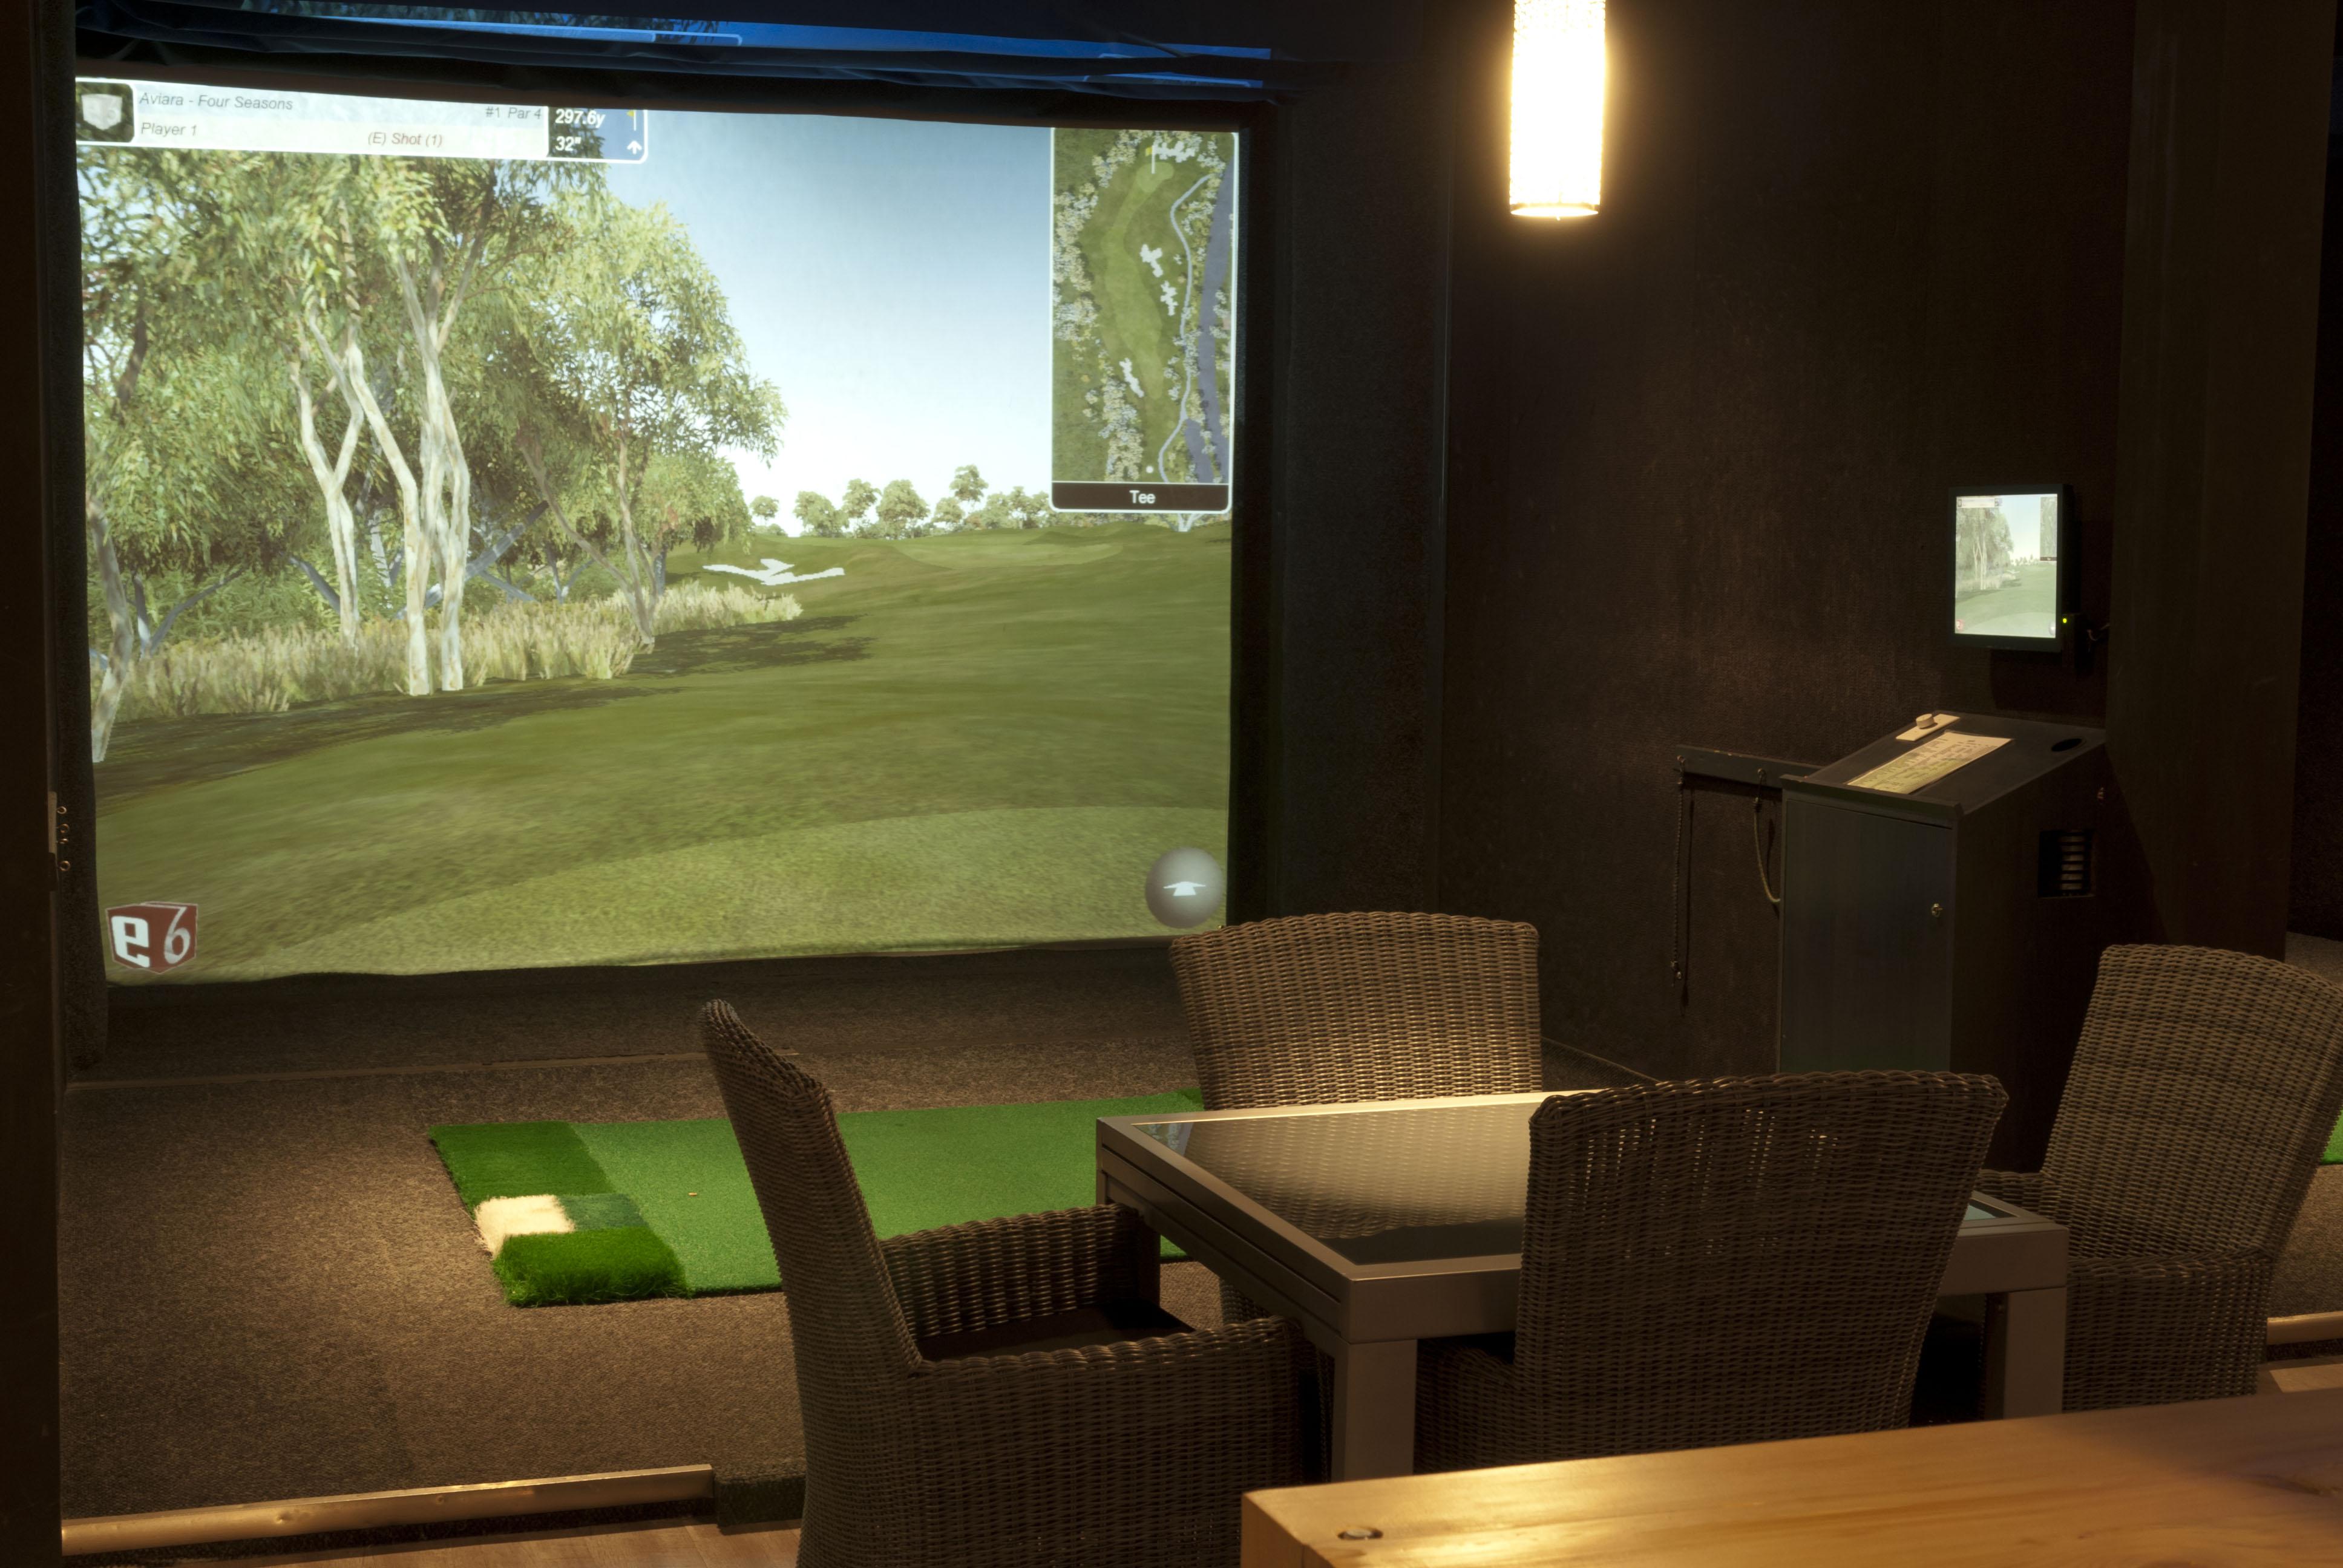 Golf O Max à Boucherville - Simulateur de golf virtuel